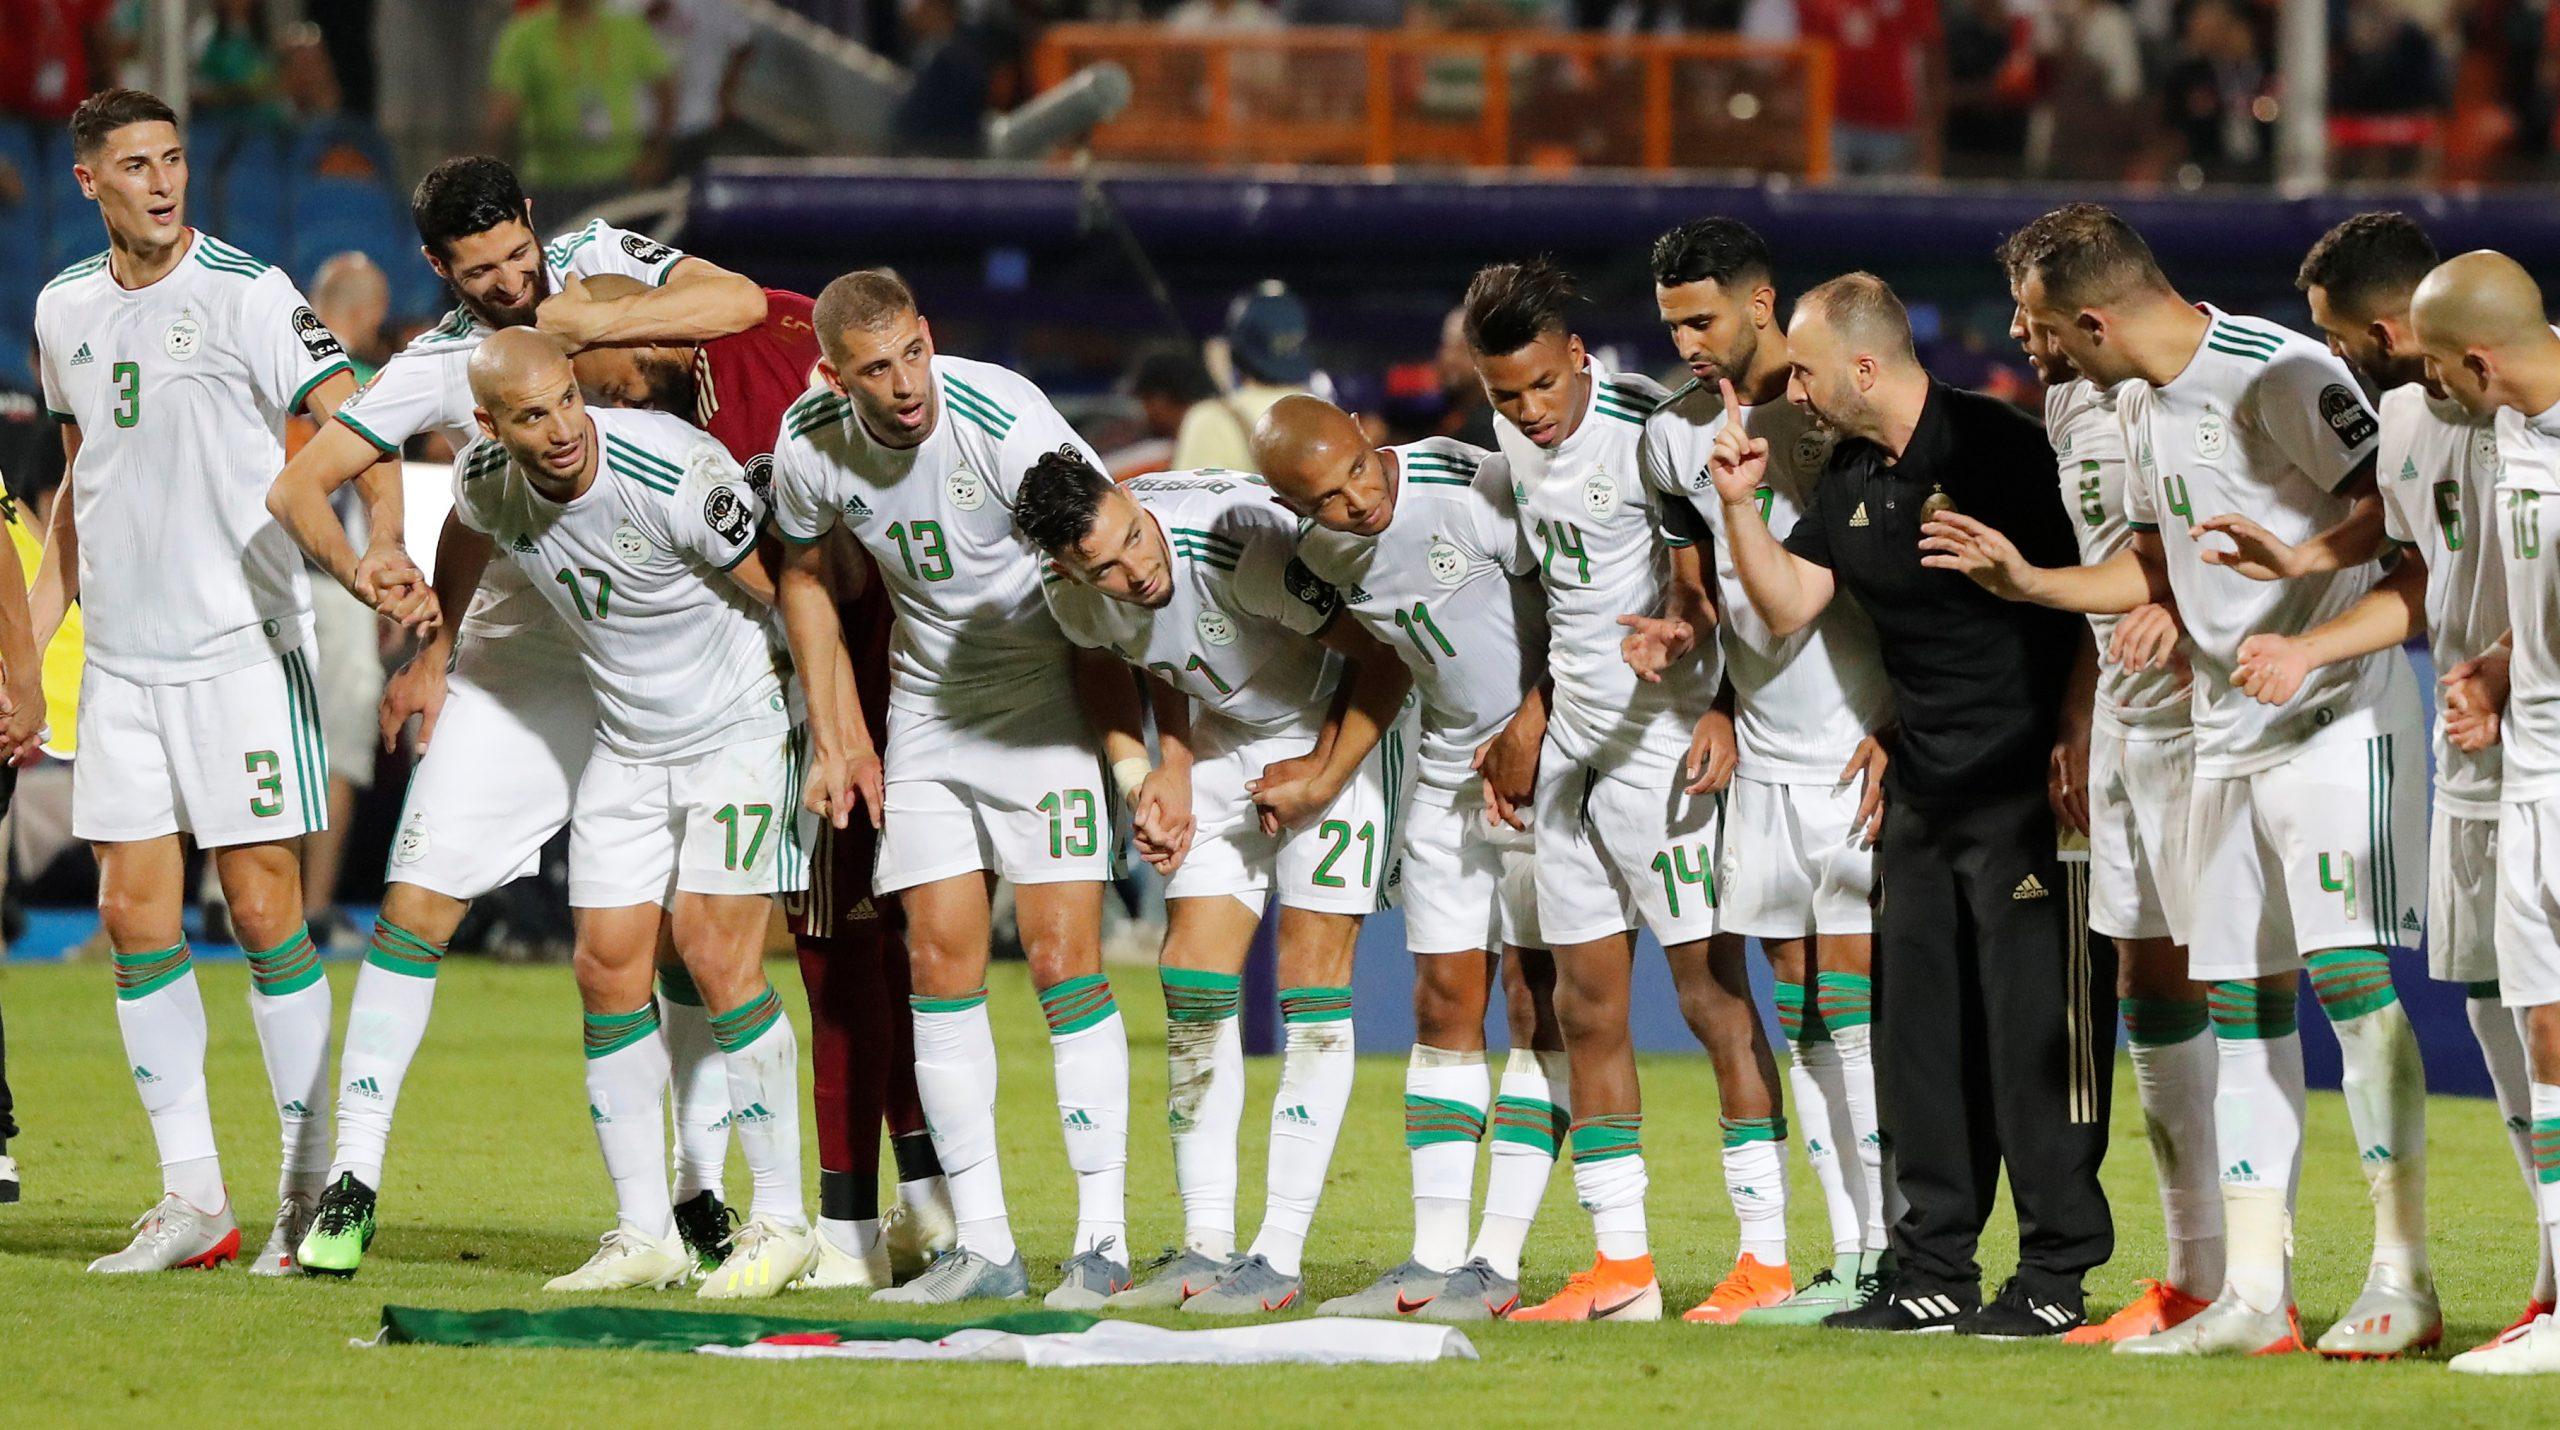 المنتخب الجزائري لكرة القدم يُواجه منتخبا عالميا من العيار الثقيل